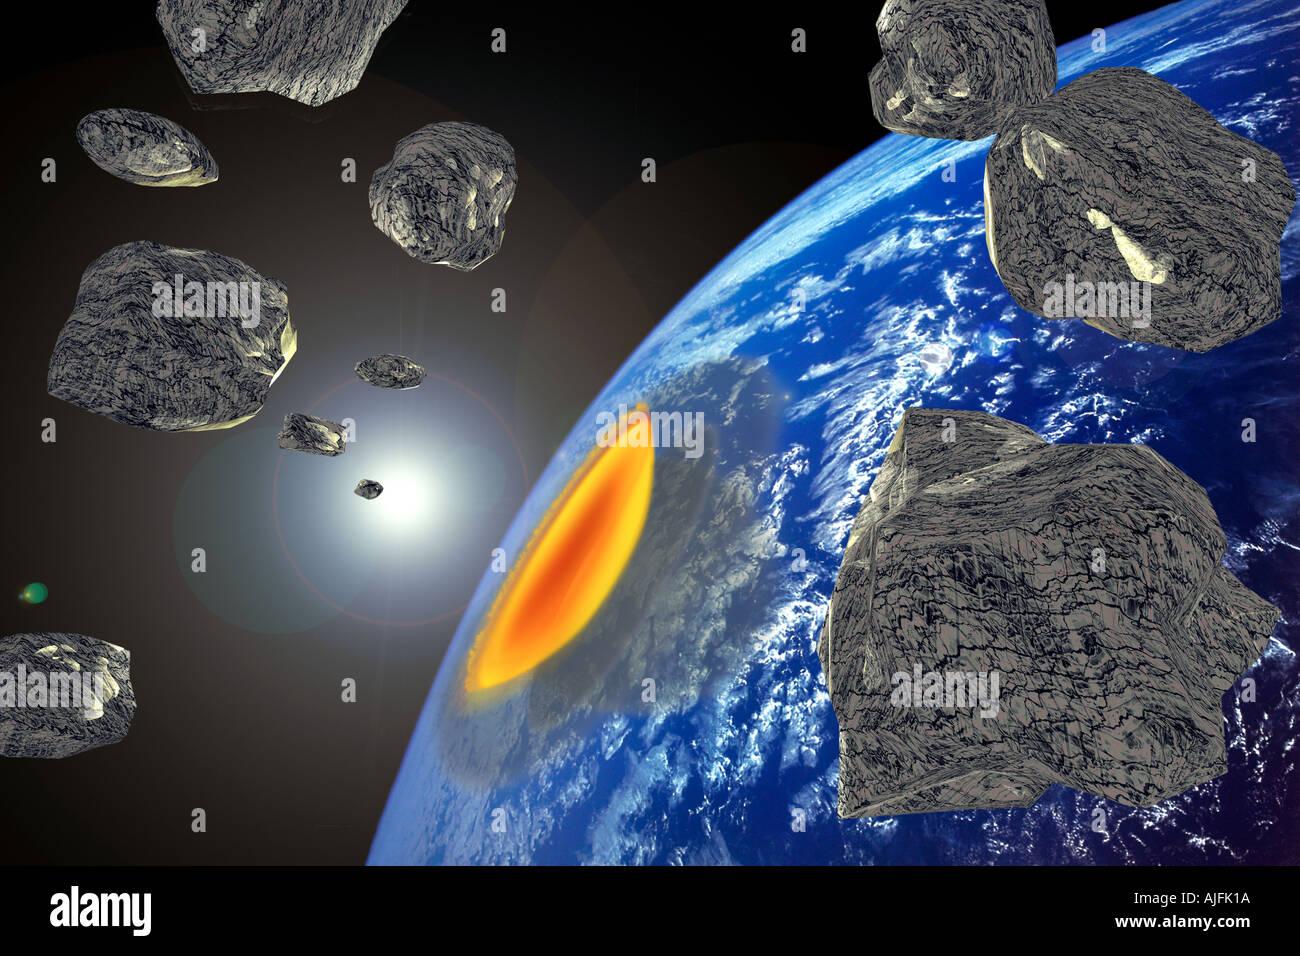 Très gros astéroïde Collision avec la terre Niveau d'Extinction Banque D'Images